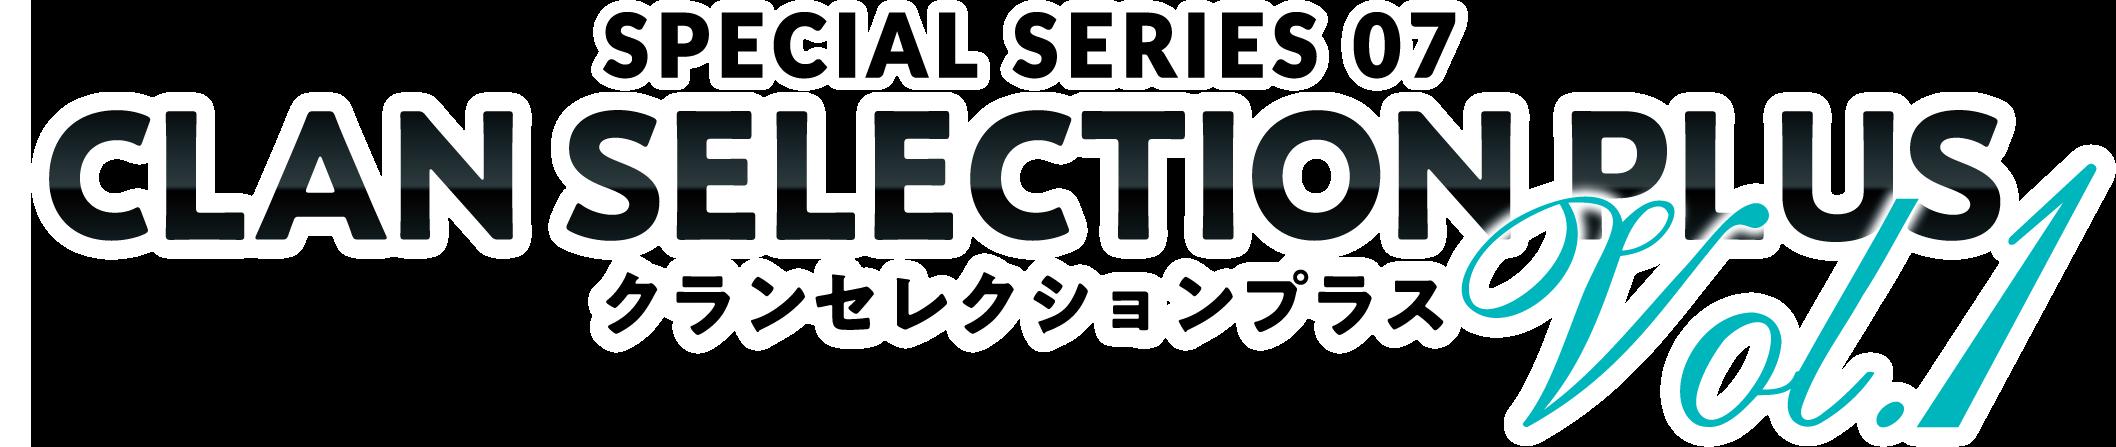 v_ss07 en logo-01